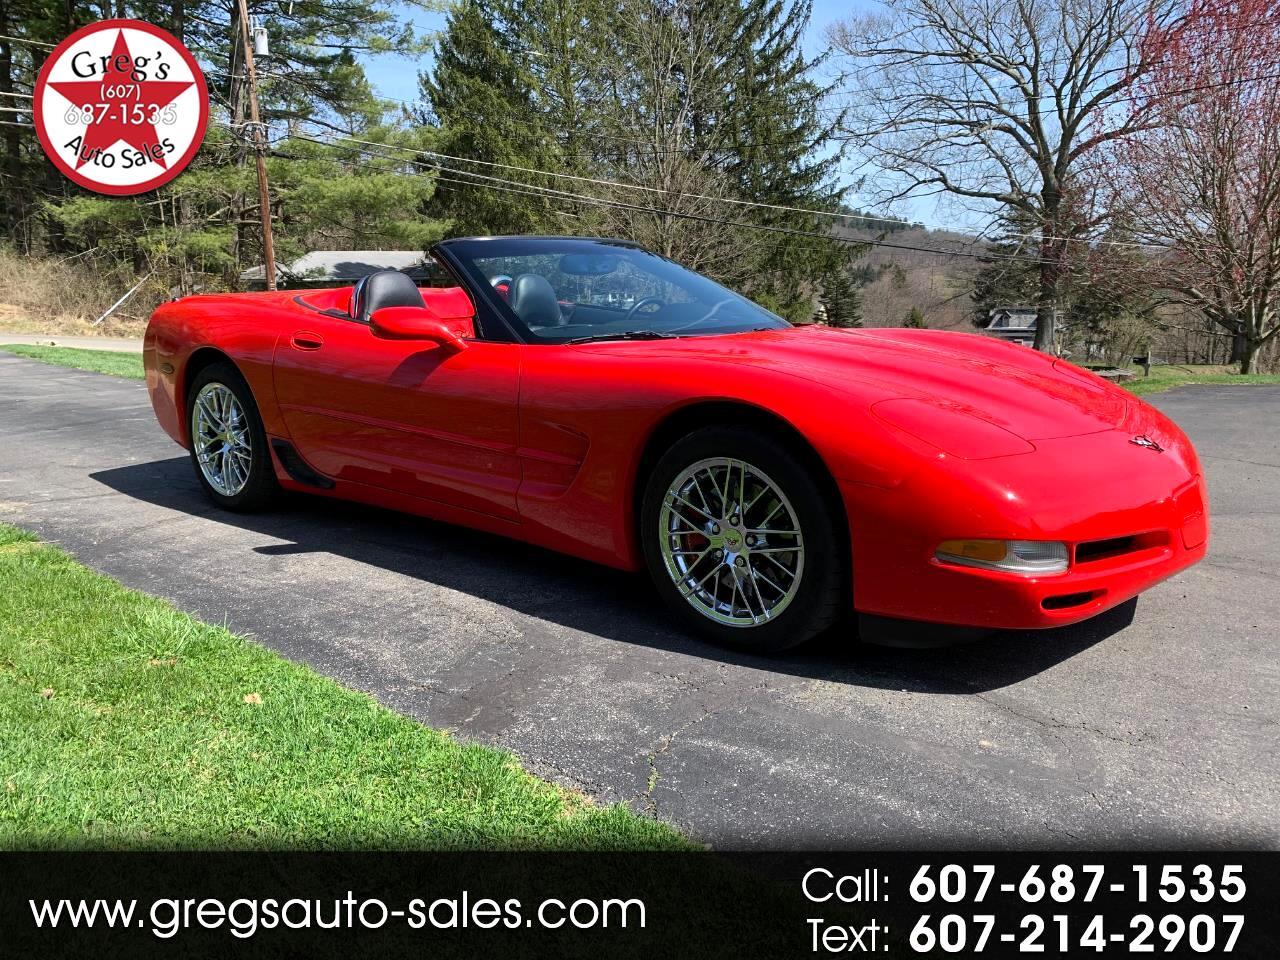 Chevrolet Corvette 2dr Convertible 2002